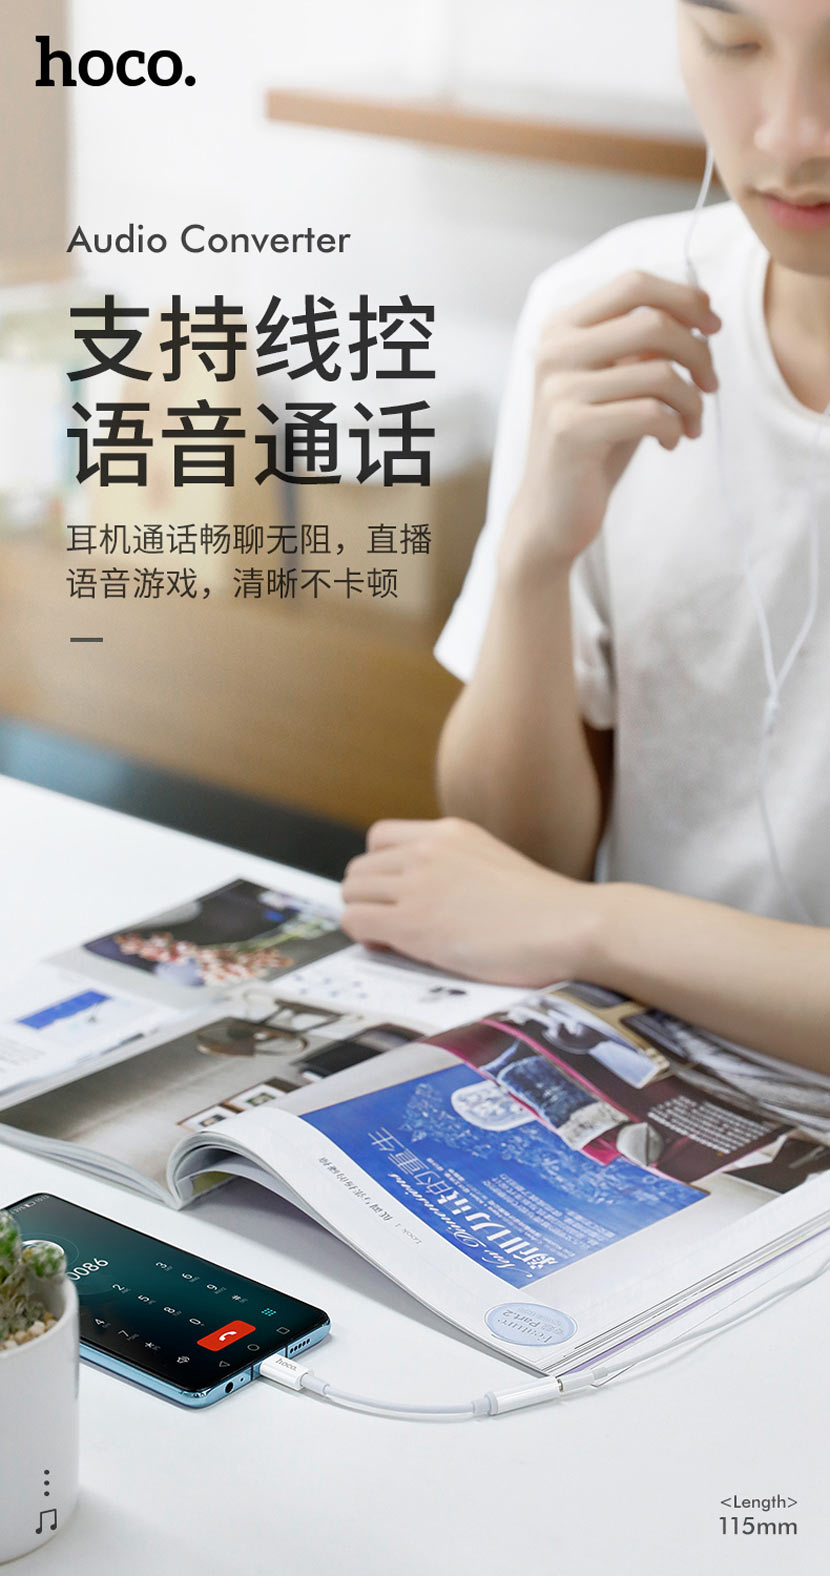 hoco news ls30 type c digital 35 audio converter control calls cn